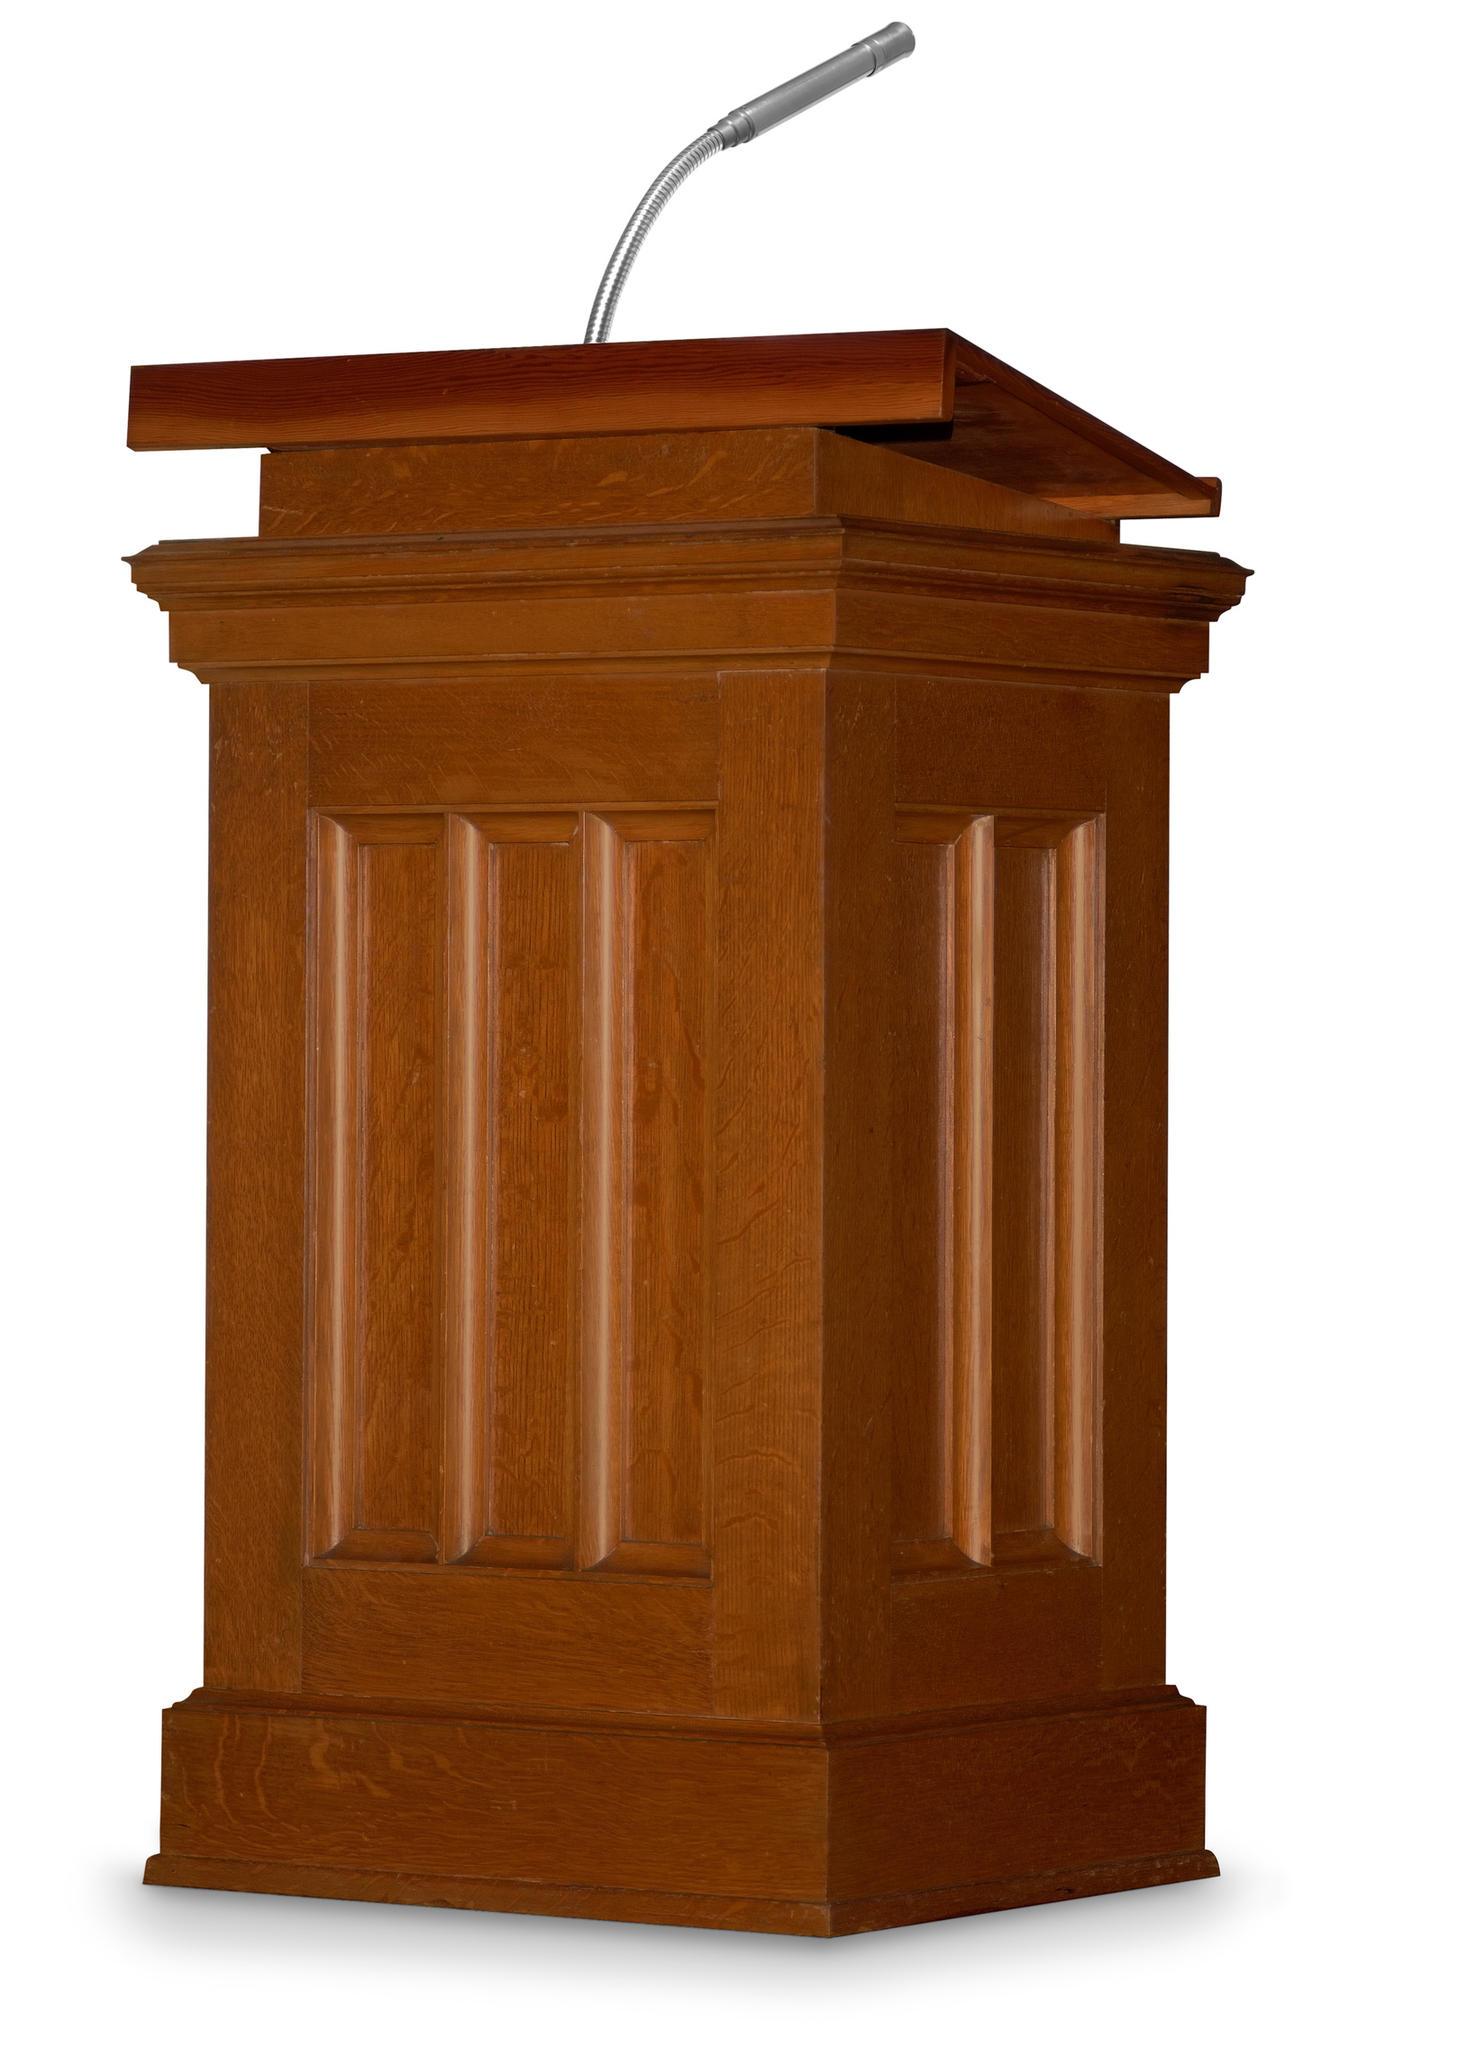 Podium clipart speech podium. Free judge cliparts download